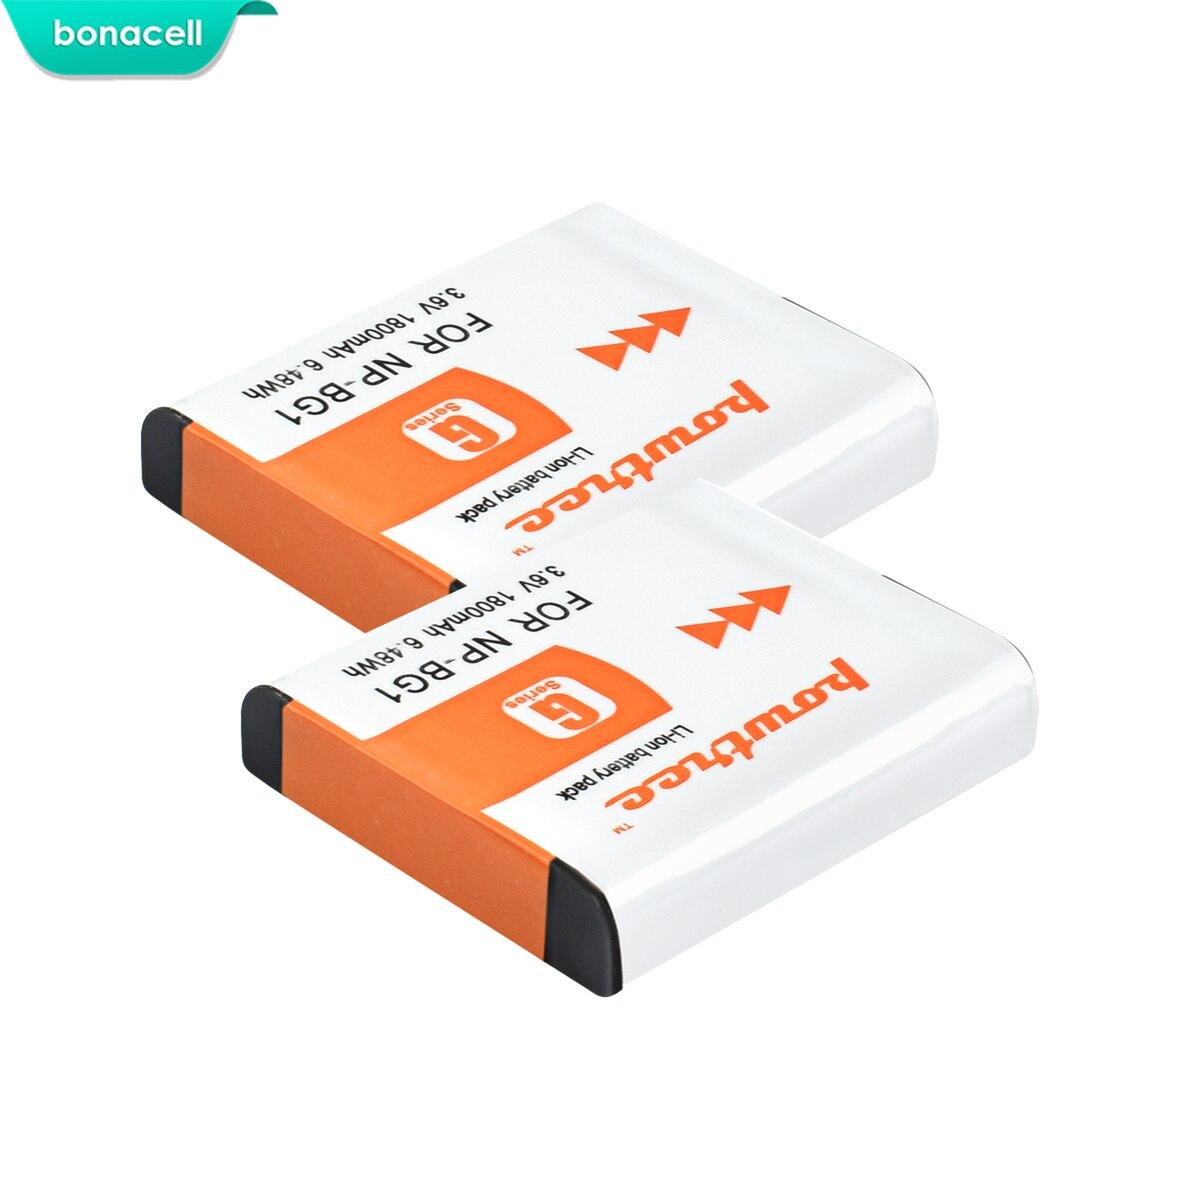 Bonacell 1800mAh NP-BG1 NP BG1 Battery For SONY Cyber-shot DSC-H3 DSC-H7 DSC-H9 DSC-H10 DSC-H20 DSC-H50 DSC-H55 DSC-H70 L10